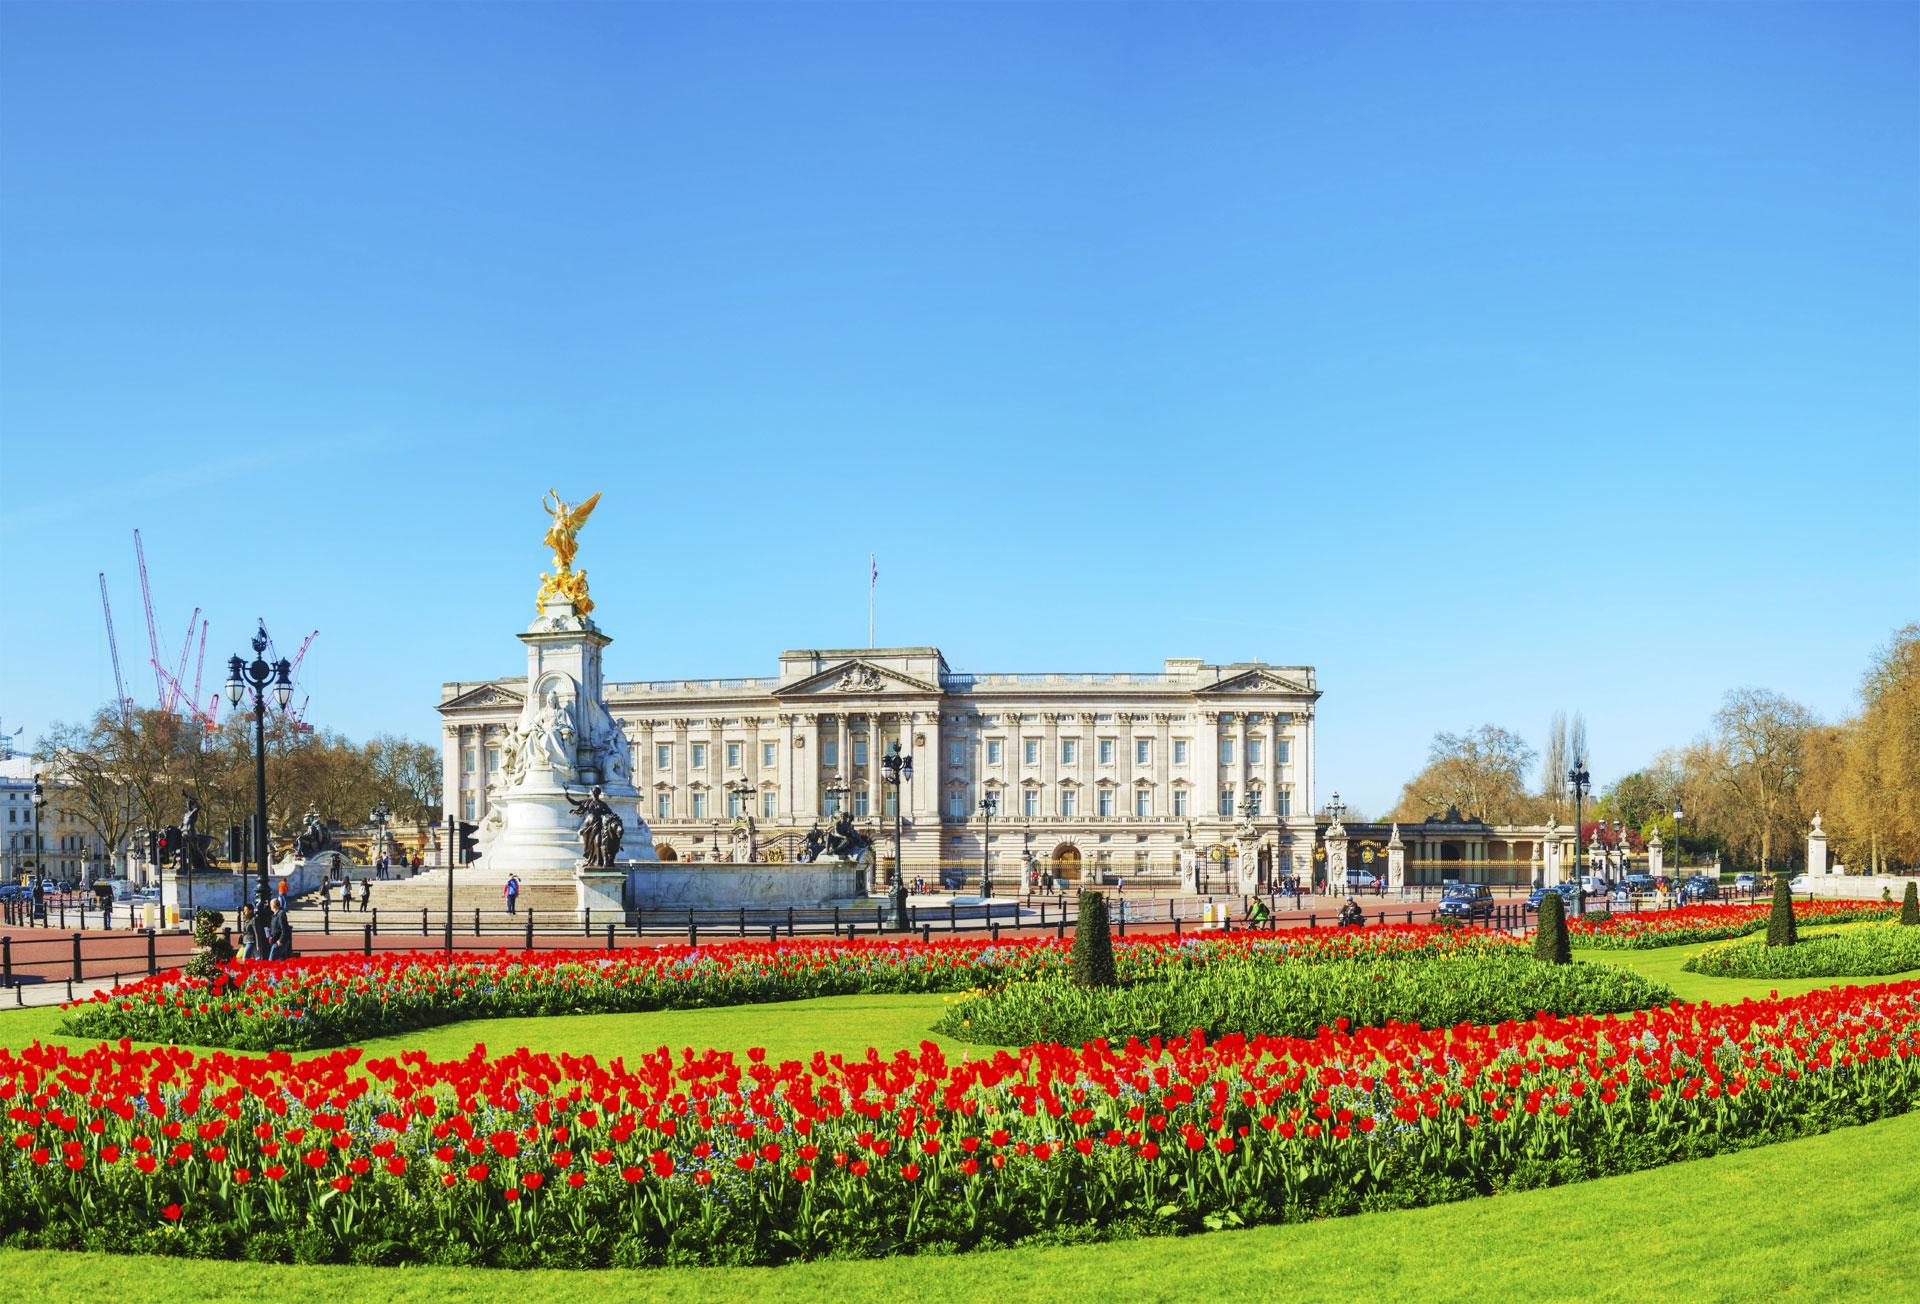 Por primera vez los turistas utilizarán la entrada por la que ingresan los primeros ministros